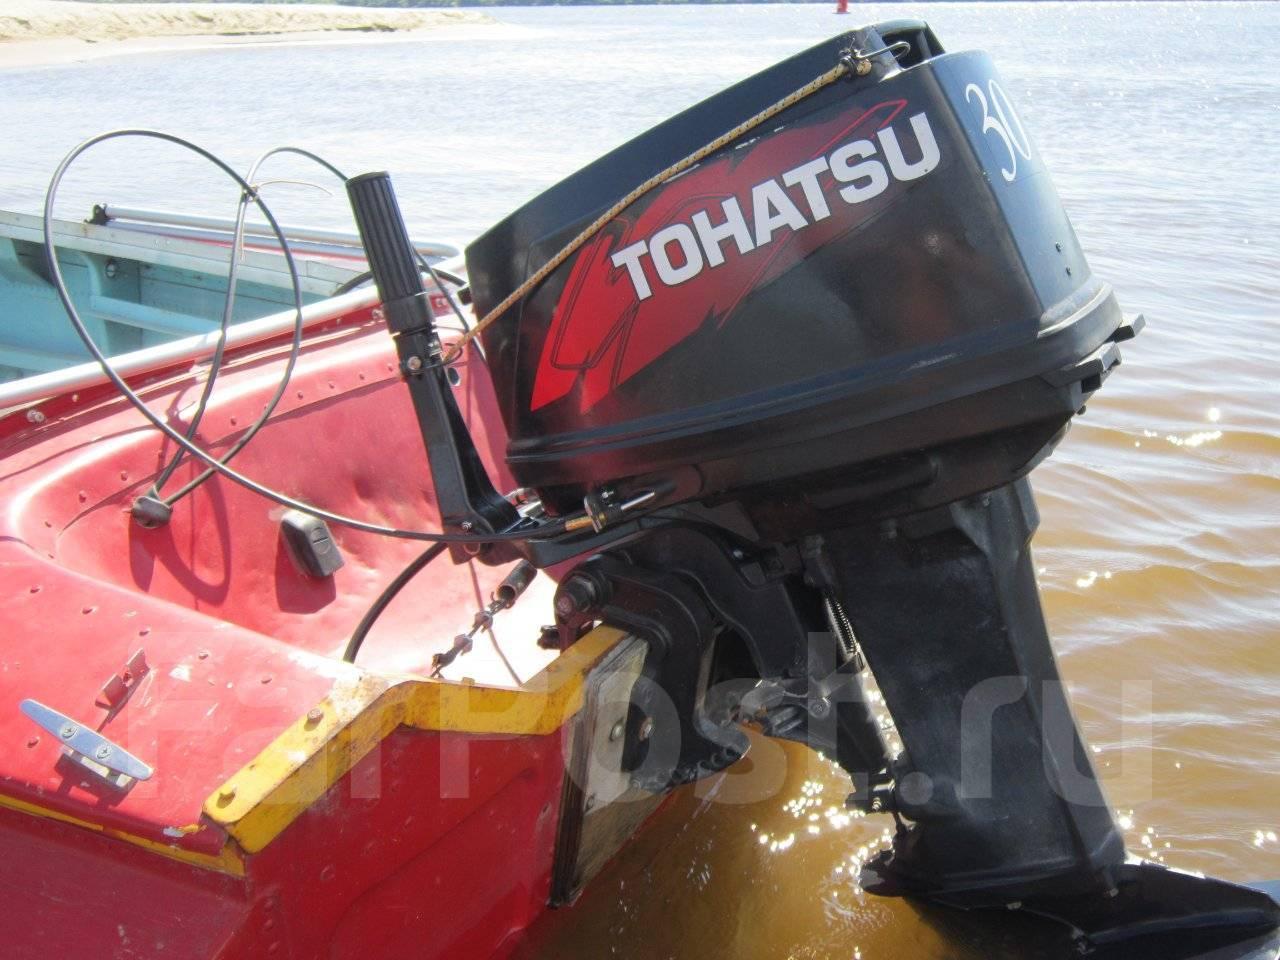 Магазин товаров для рыбалки владивосток